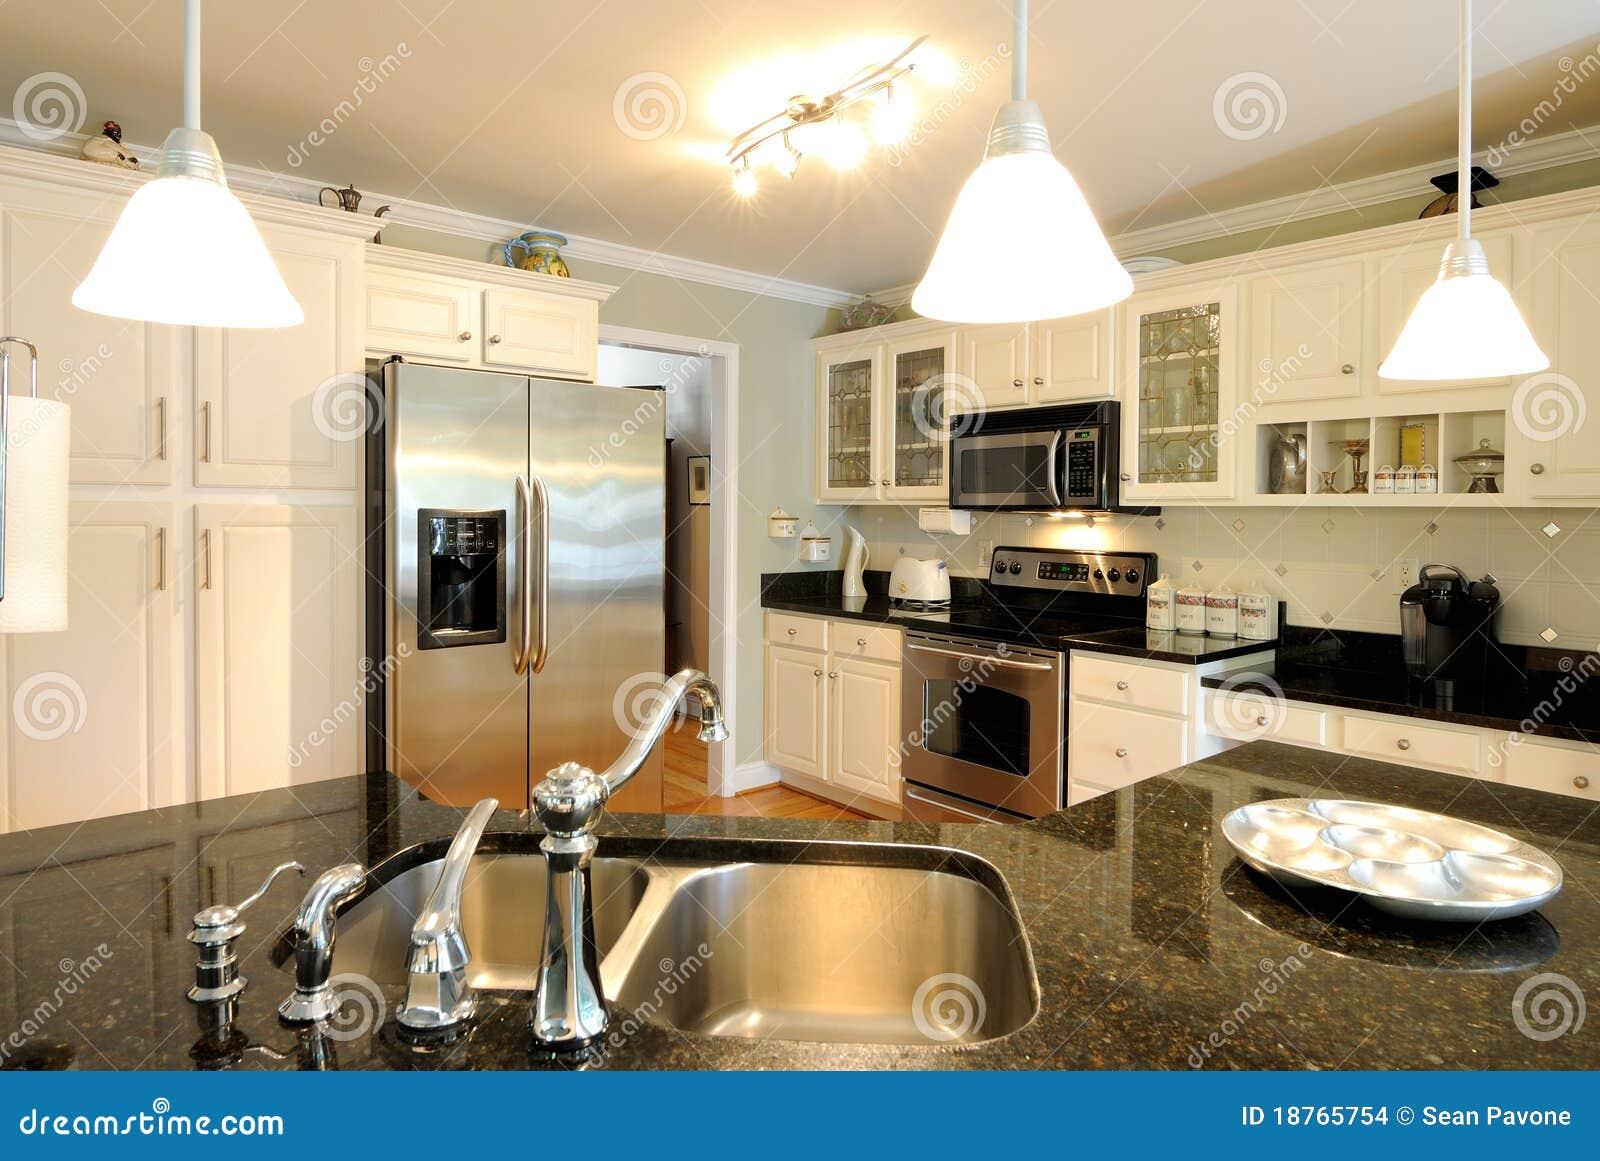 Cozinha Moderna Imagens de Stock Imagem: 18765754 #82A229 1300 960